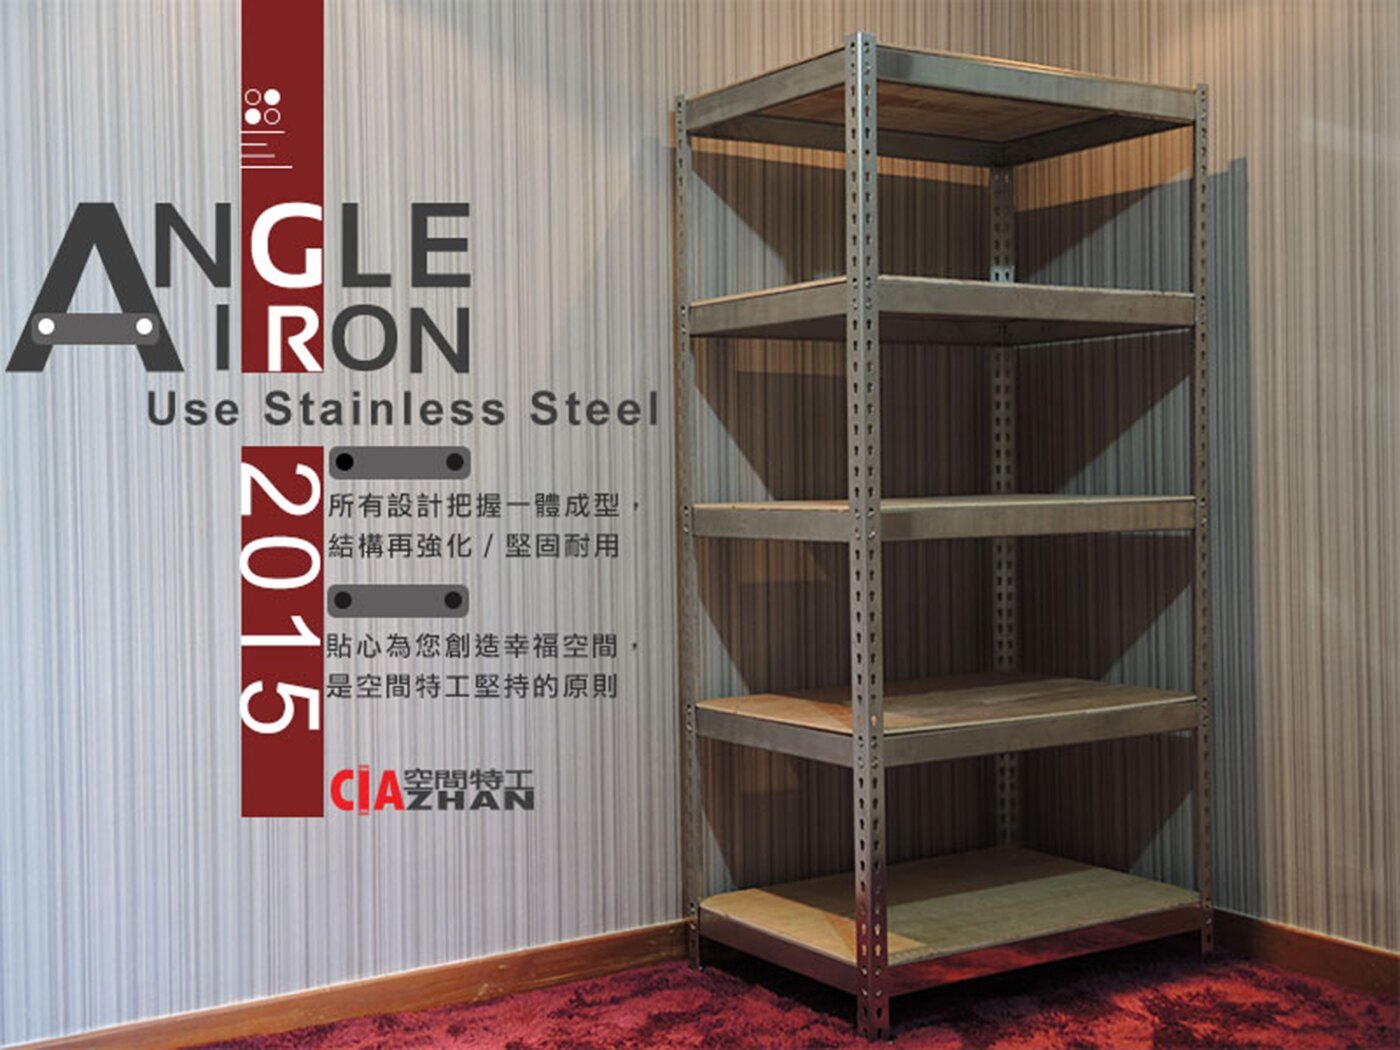 免運促銷 #304不鏽鋼免螺絲角鋼 ♞空間特工♞(長4x深2尺x5層,高6尺) 唯一橫桿2mm厚 置物櫃 白鐵不銹鋼 0